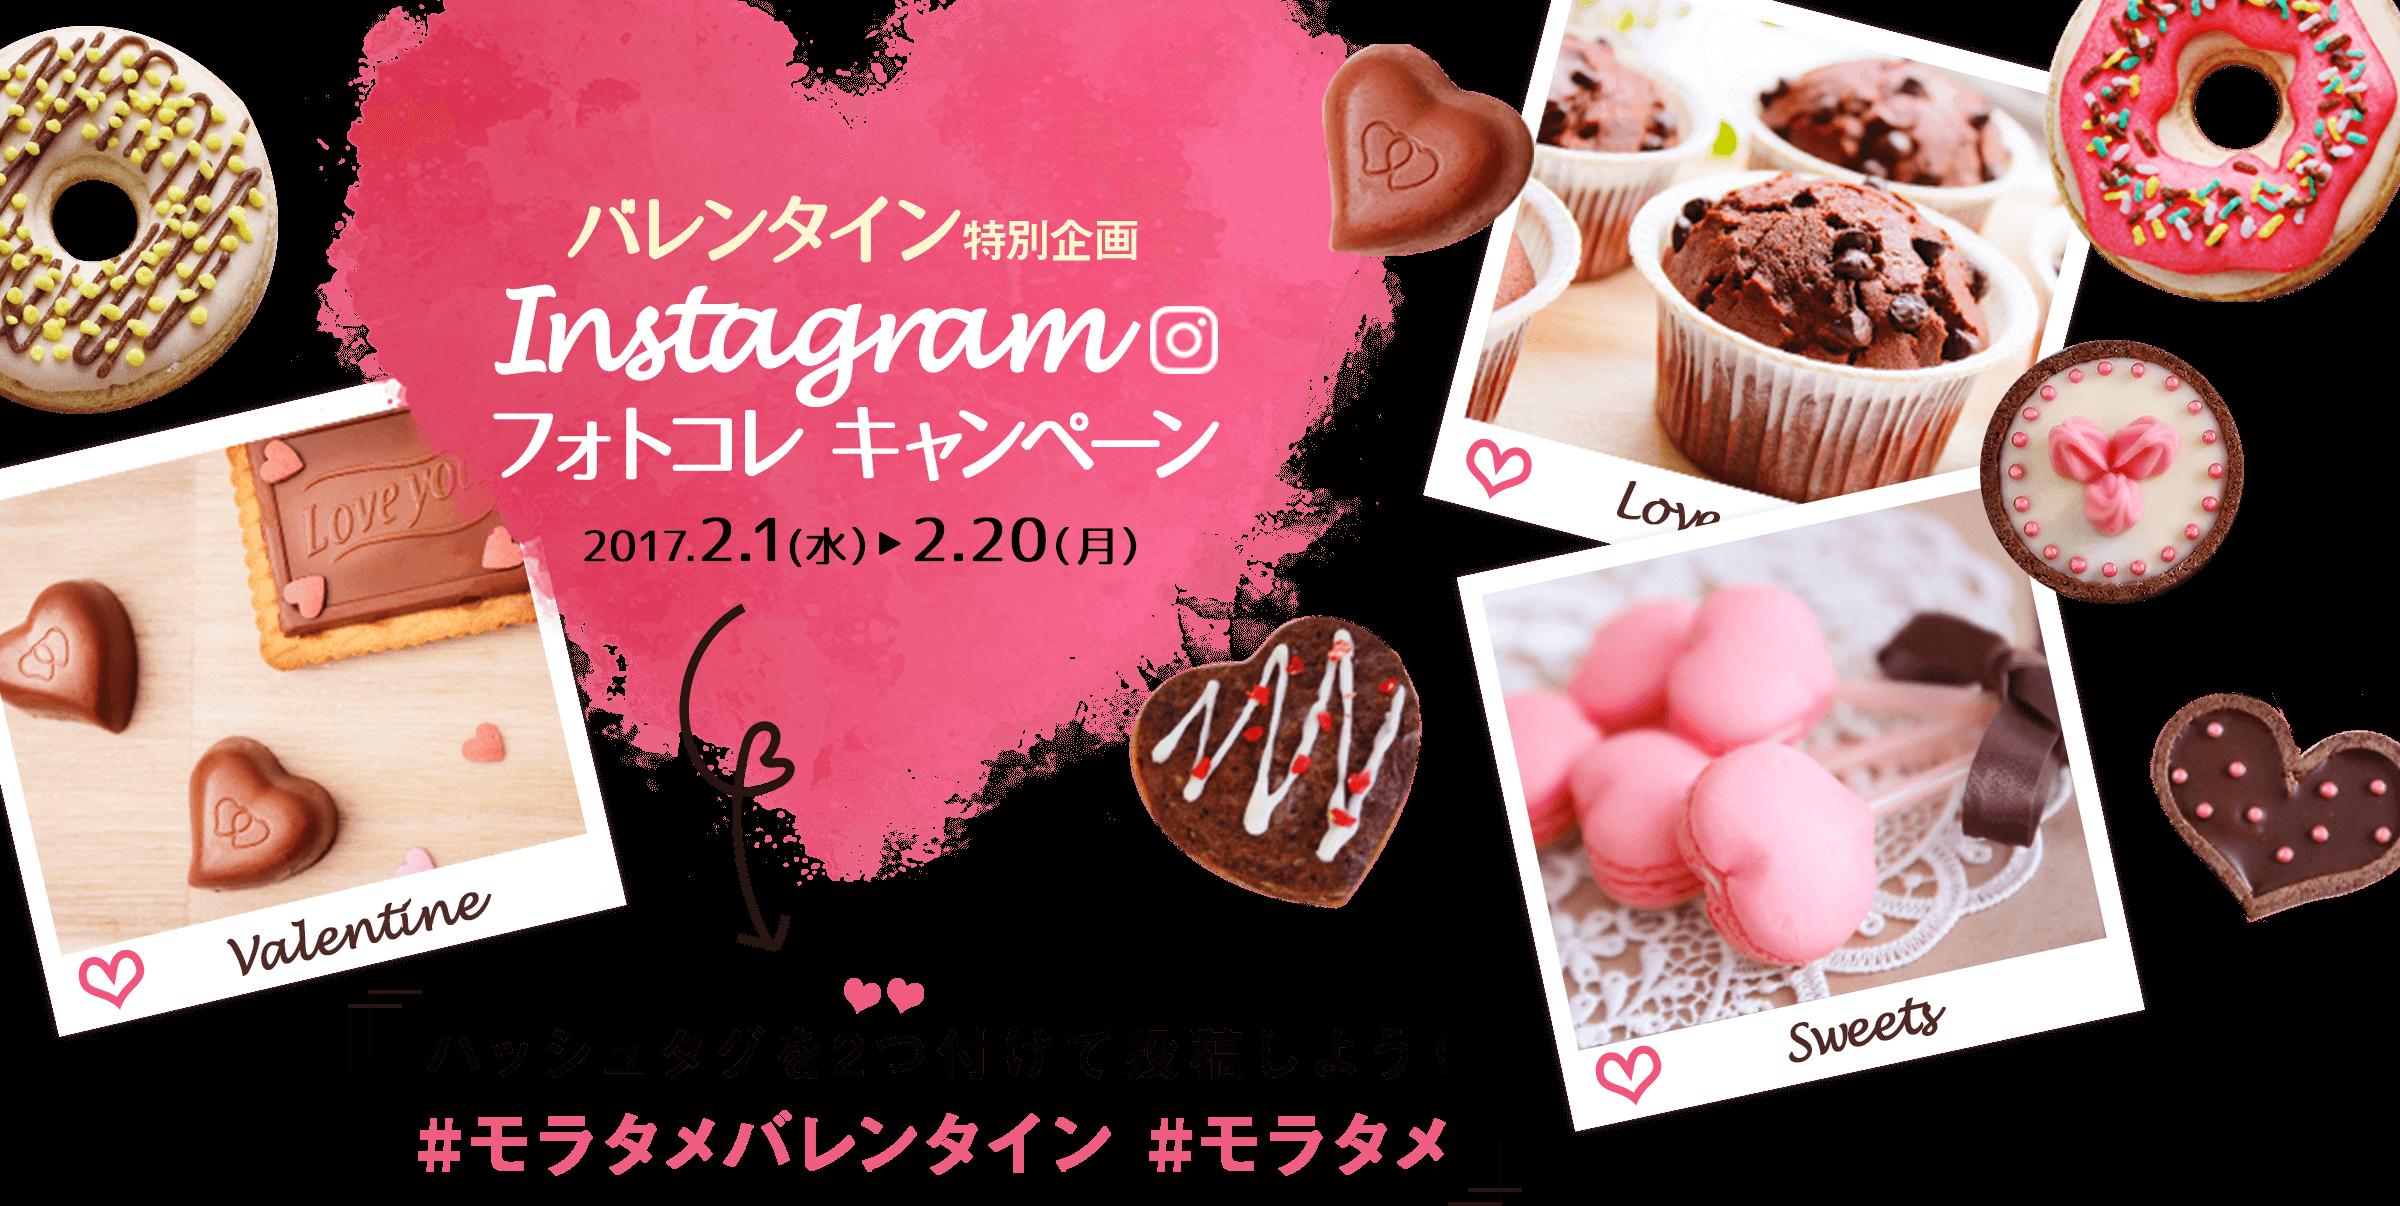 バレンタイン特別企画 Instagram フォトコレキャンペーン ハッシュタグを2つ付けて投稿しよう!